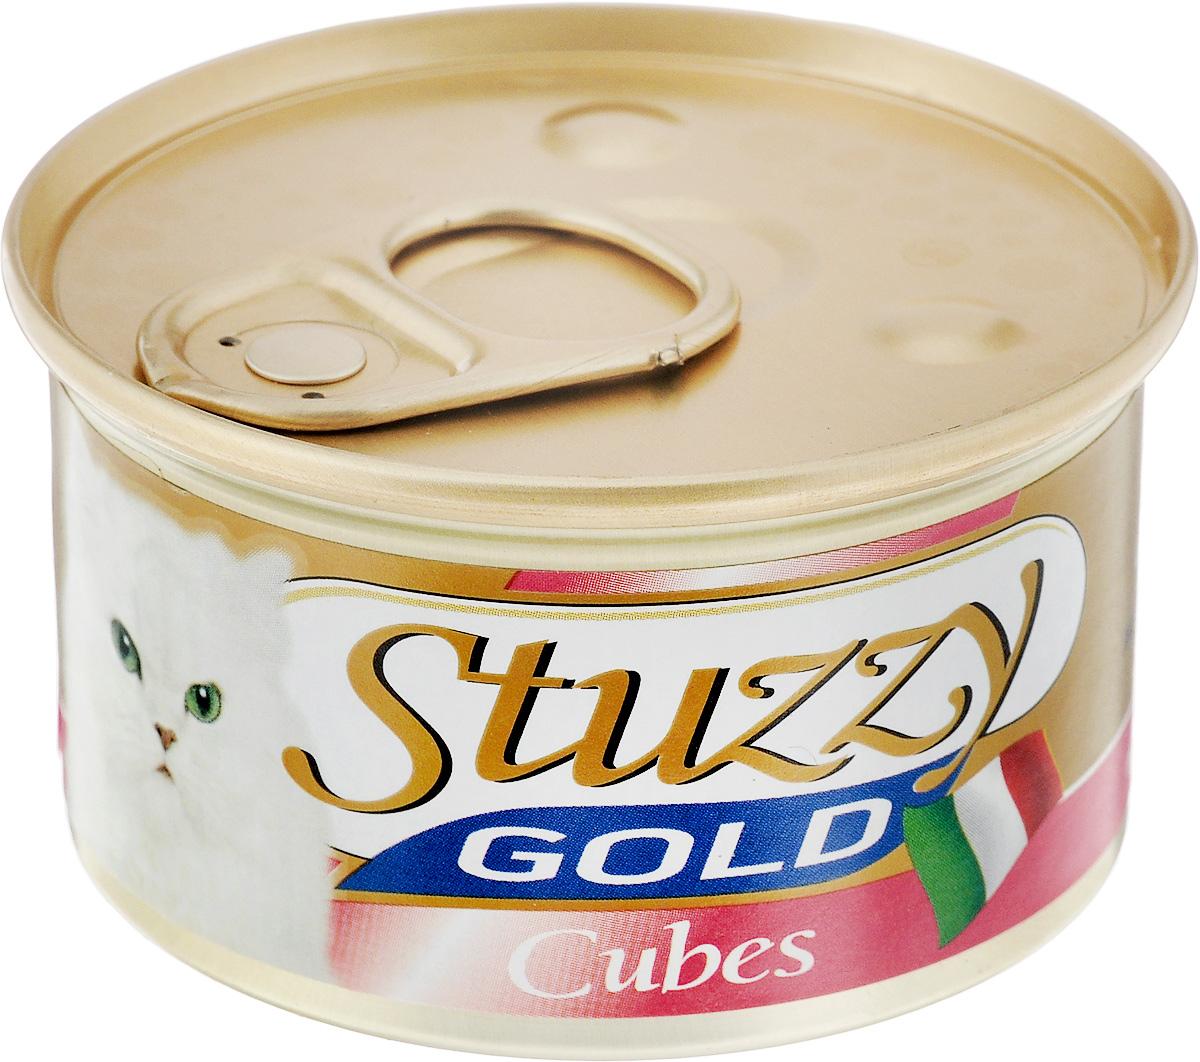 Консервы для взрослых кошек Stuzzy Gold, с курицей, 85 г132.C2402Консервы для кошек Stuzzy Gold - это дополнительный рацион для взрослых кошек. Корм обогащен таурином и витамином Е для поддержания правильной работы сердца и иммунной системы. Инулин обеспечивает всасывание питательных веществ, а биотин способствуют великолепному внешнему виду кожи и шерсти. Корм приготовлен на пару, не содержит красителей и консервантов. Состав: мясо и мясные субпродукты 55% (из них курица 23%).Питательная ценность: белок 9%, жир 5,5%, клетчатка 0,1%, зола 2%, влажность 80%.Питательные добавки (на кг): витамин А 1177 МЕ, витамин D3 700 МЕ, витамин Е 40 мг,таурин 300 мг, железо 63,14 мг, цинк 40,8 мг, медь 2,32 мг, марганец 3,25 мг, селен 0,155 мг, йод 0,76 мг.Товар сертифицирован.